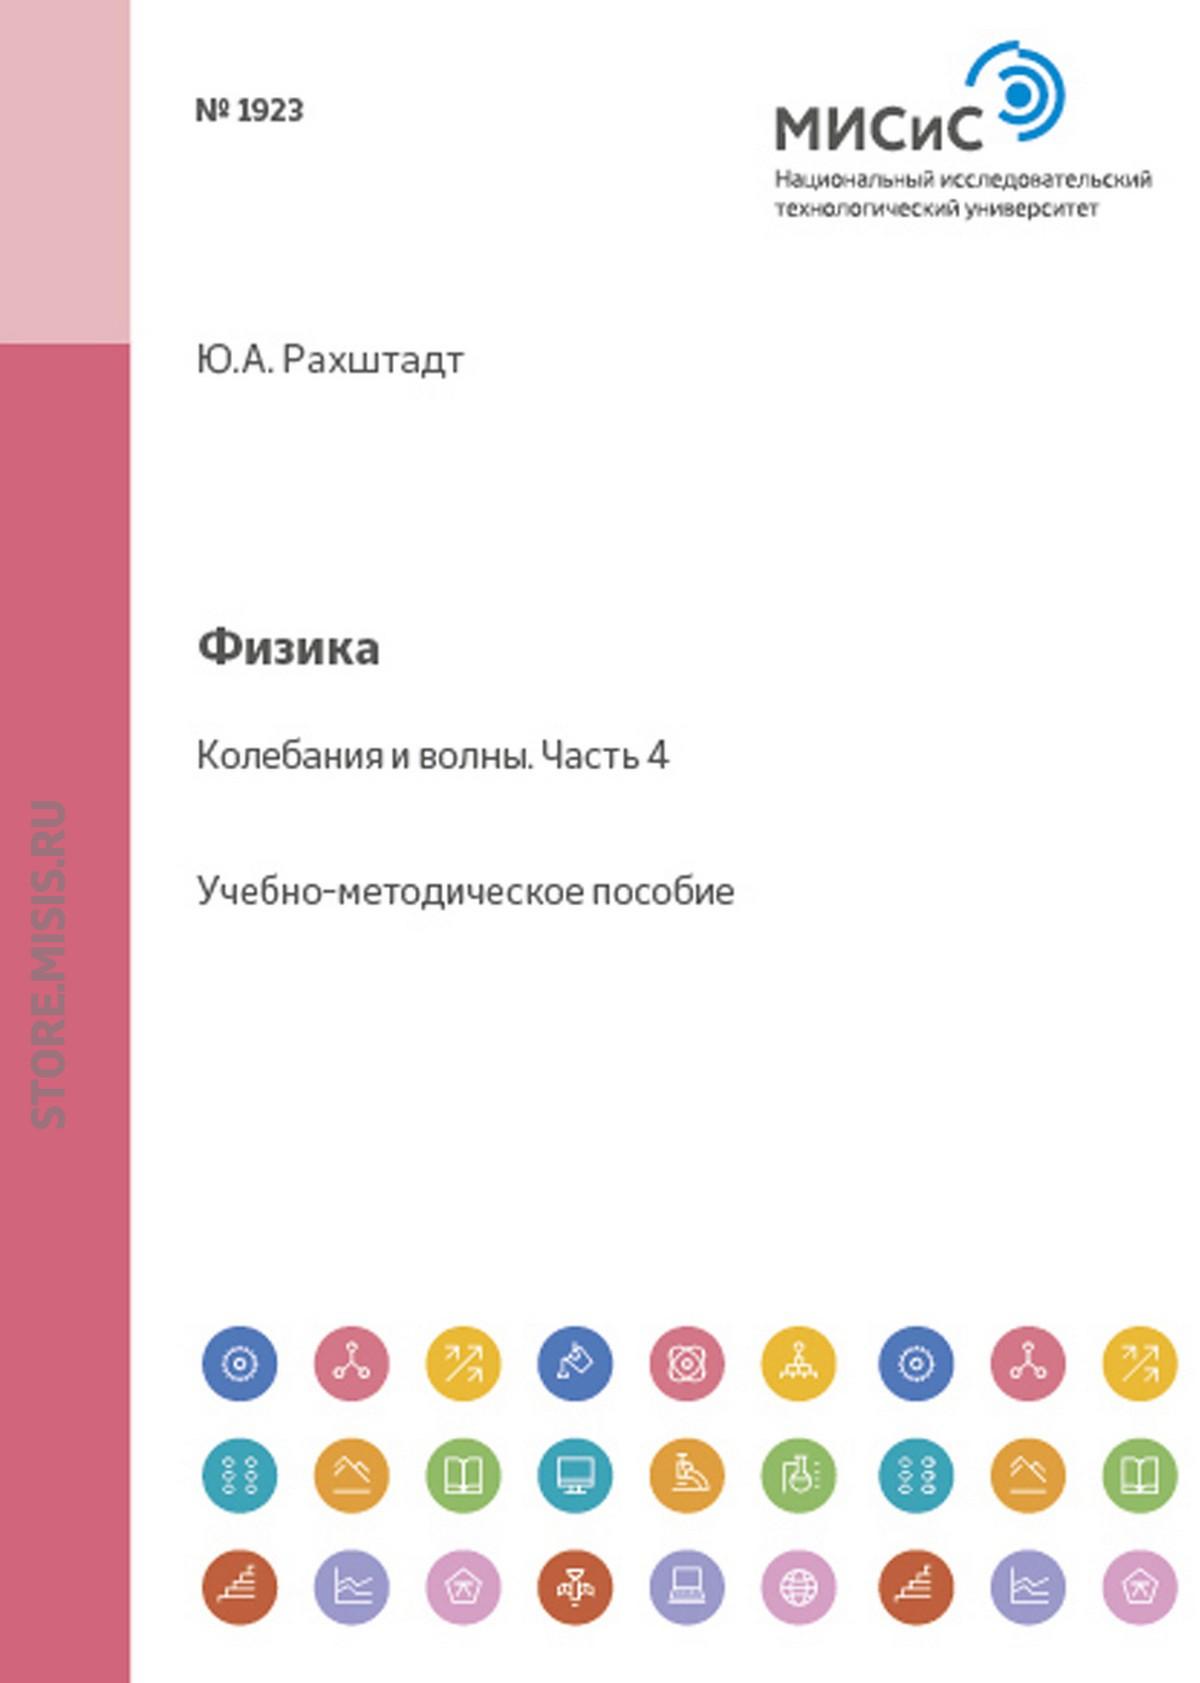 Юрий Рахштадт Физика. Колебания и волны. Часть 4 цена 2017